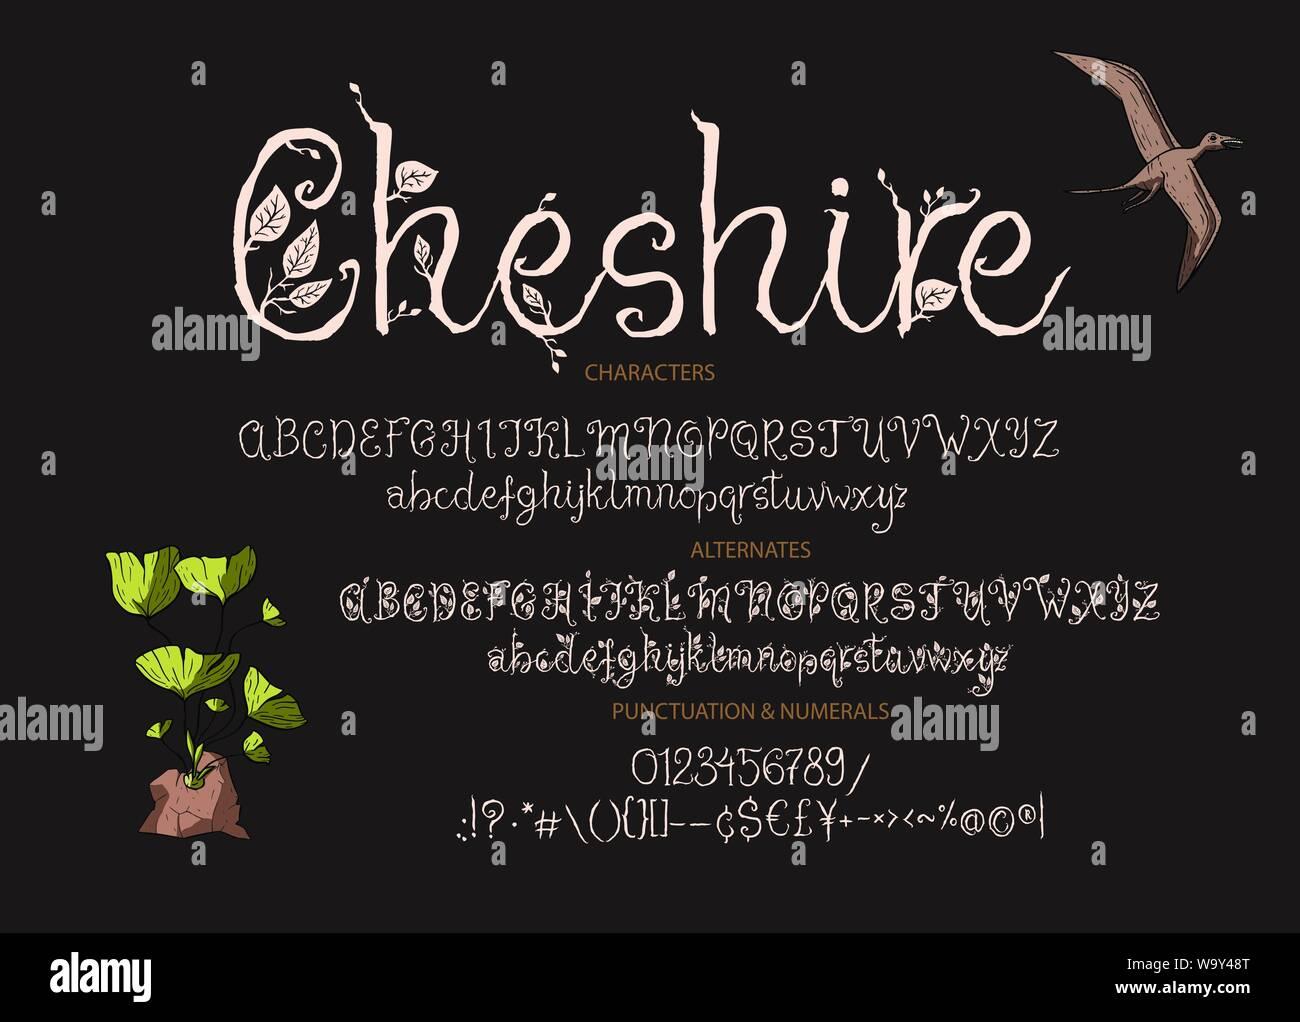 Script Font Stock Photos & Script Font Stock Images - Alamy